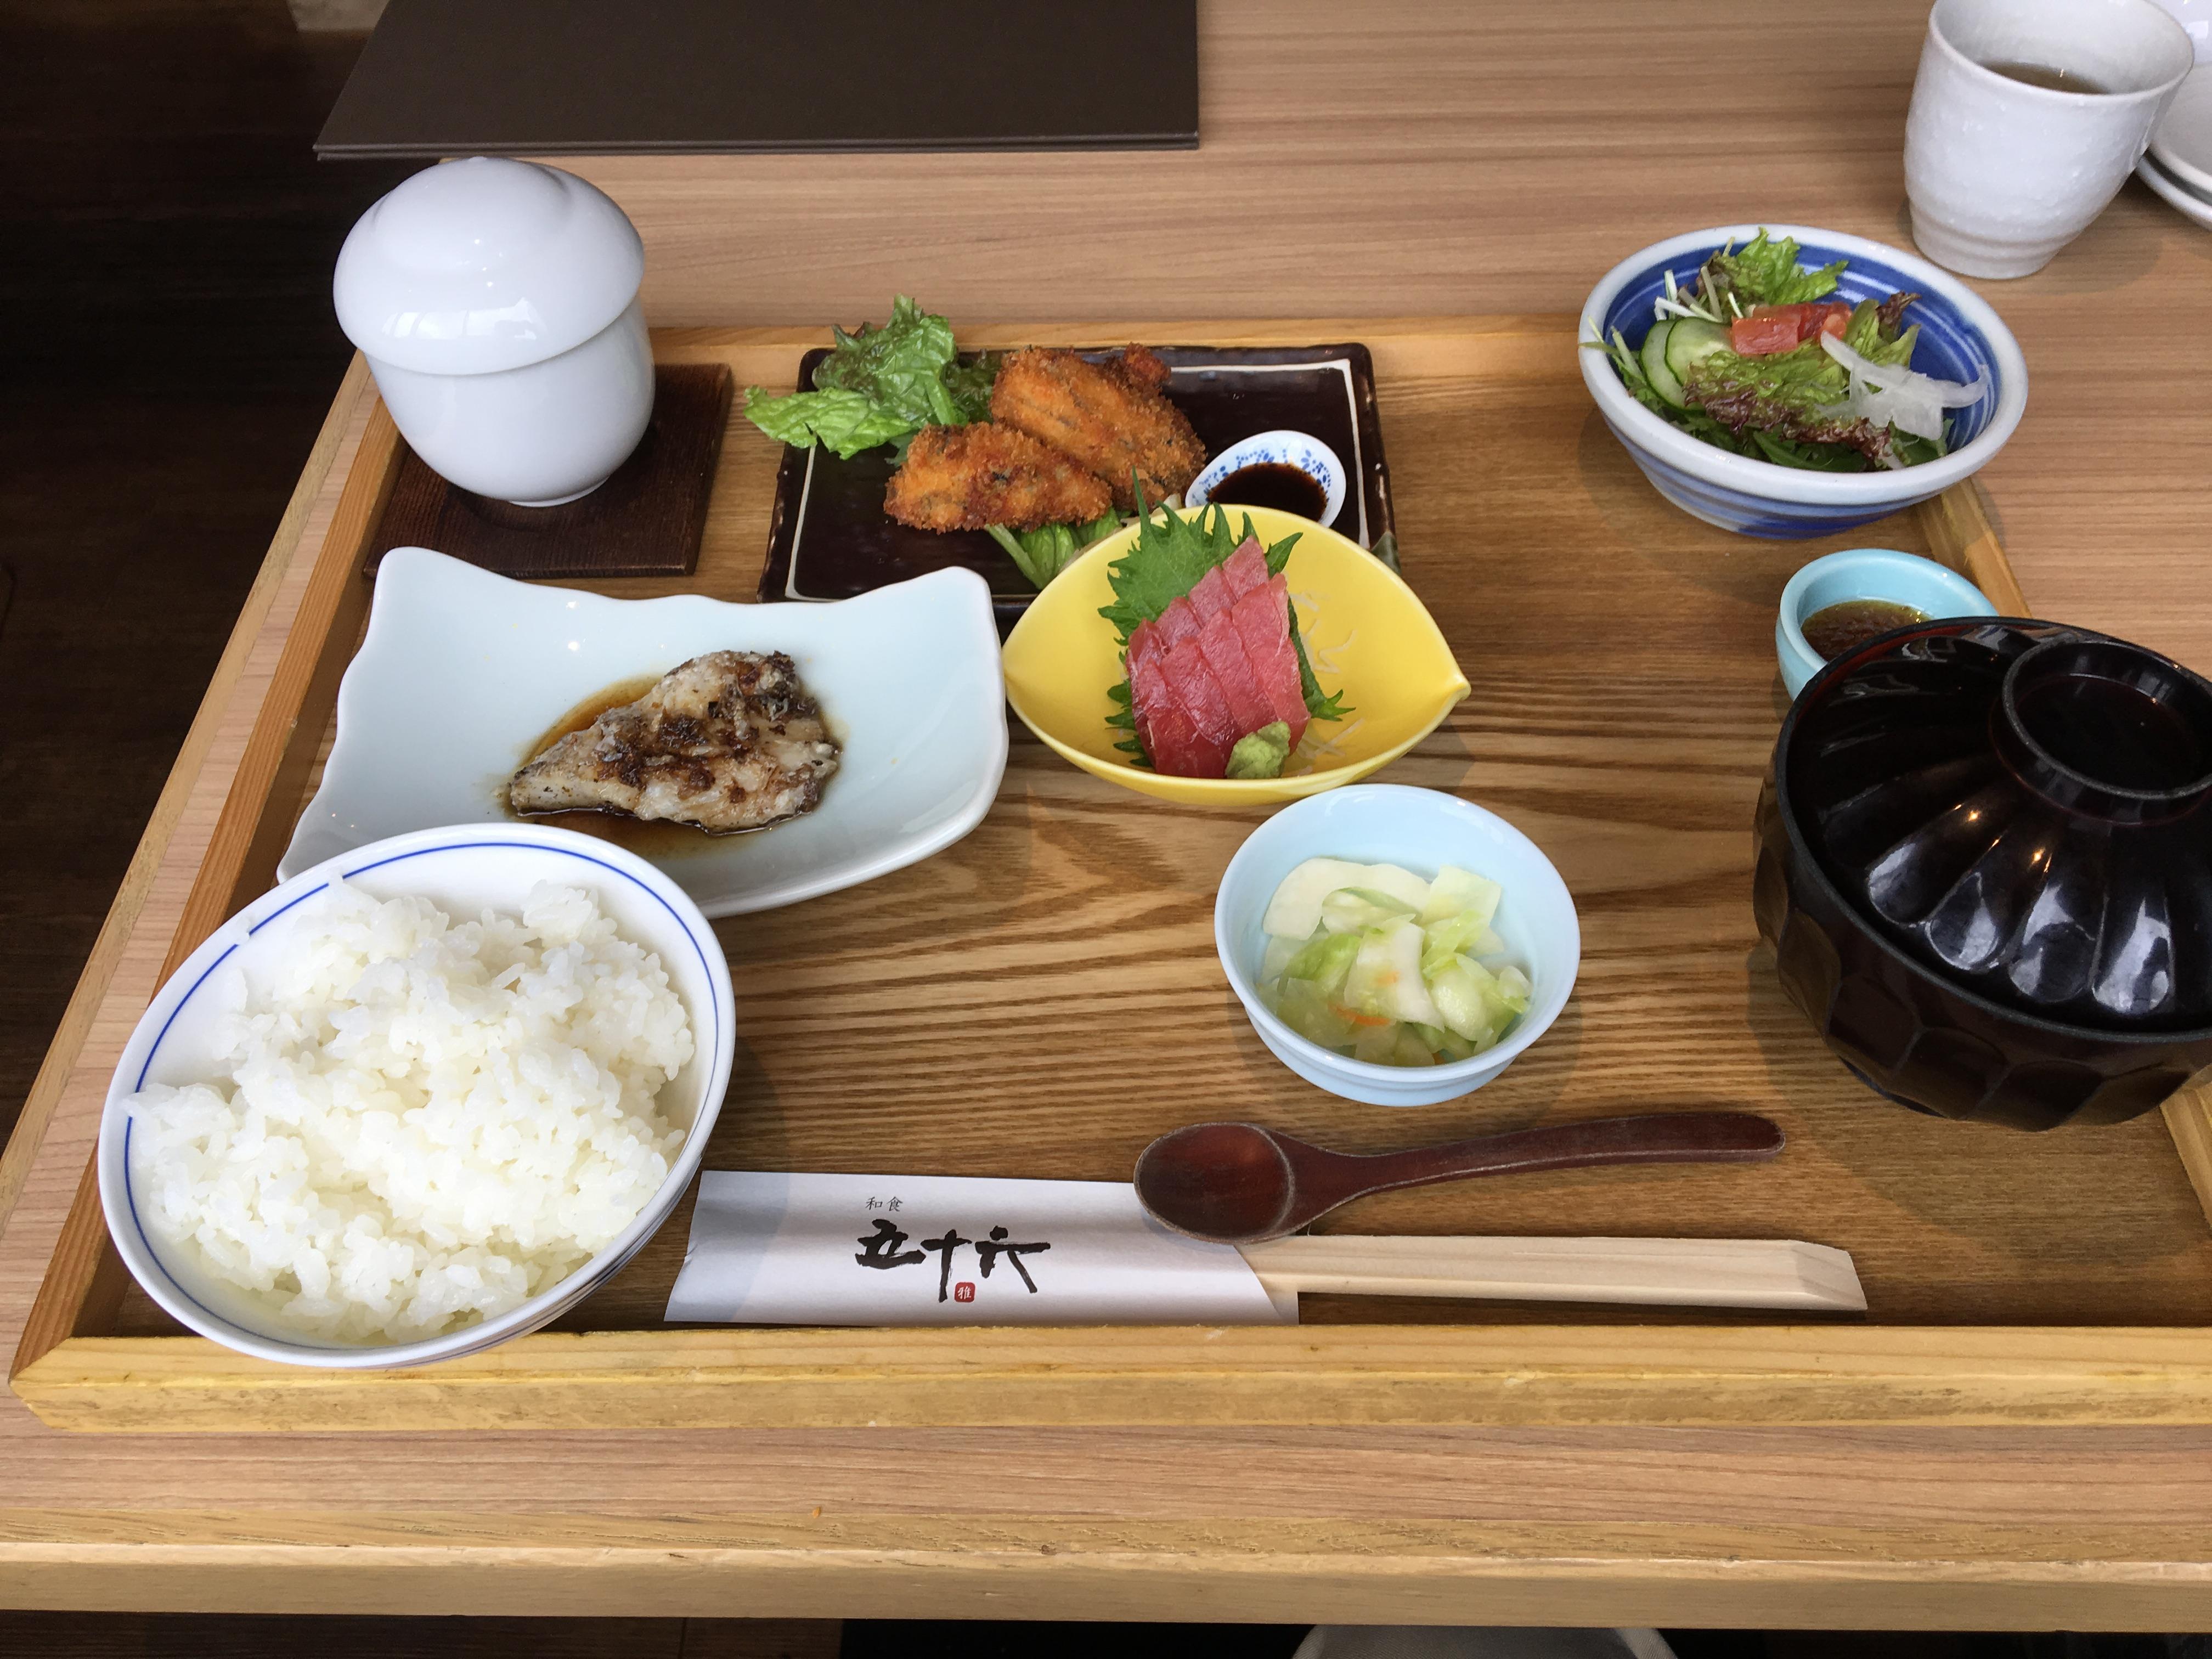 過去と未来紡ぐ和光市 その4 「和」のおもてなし・和光市駅南口の和食五十六